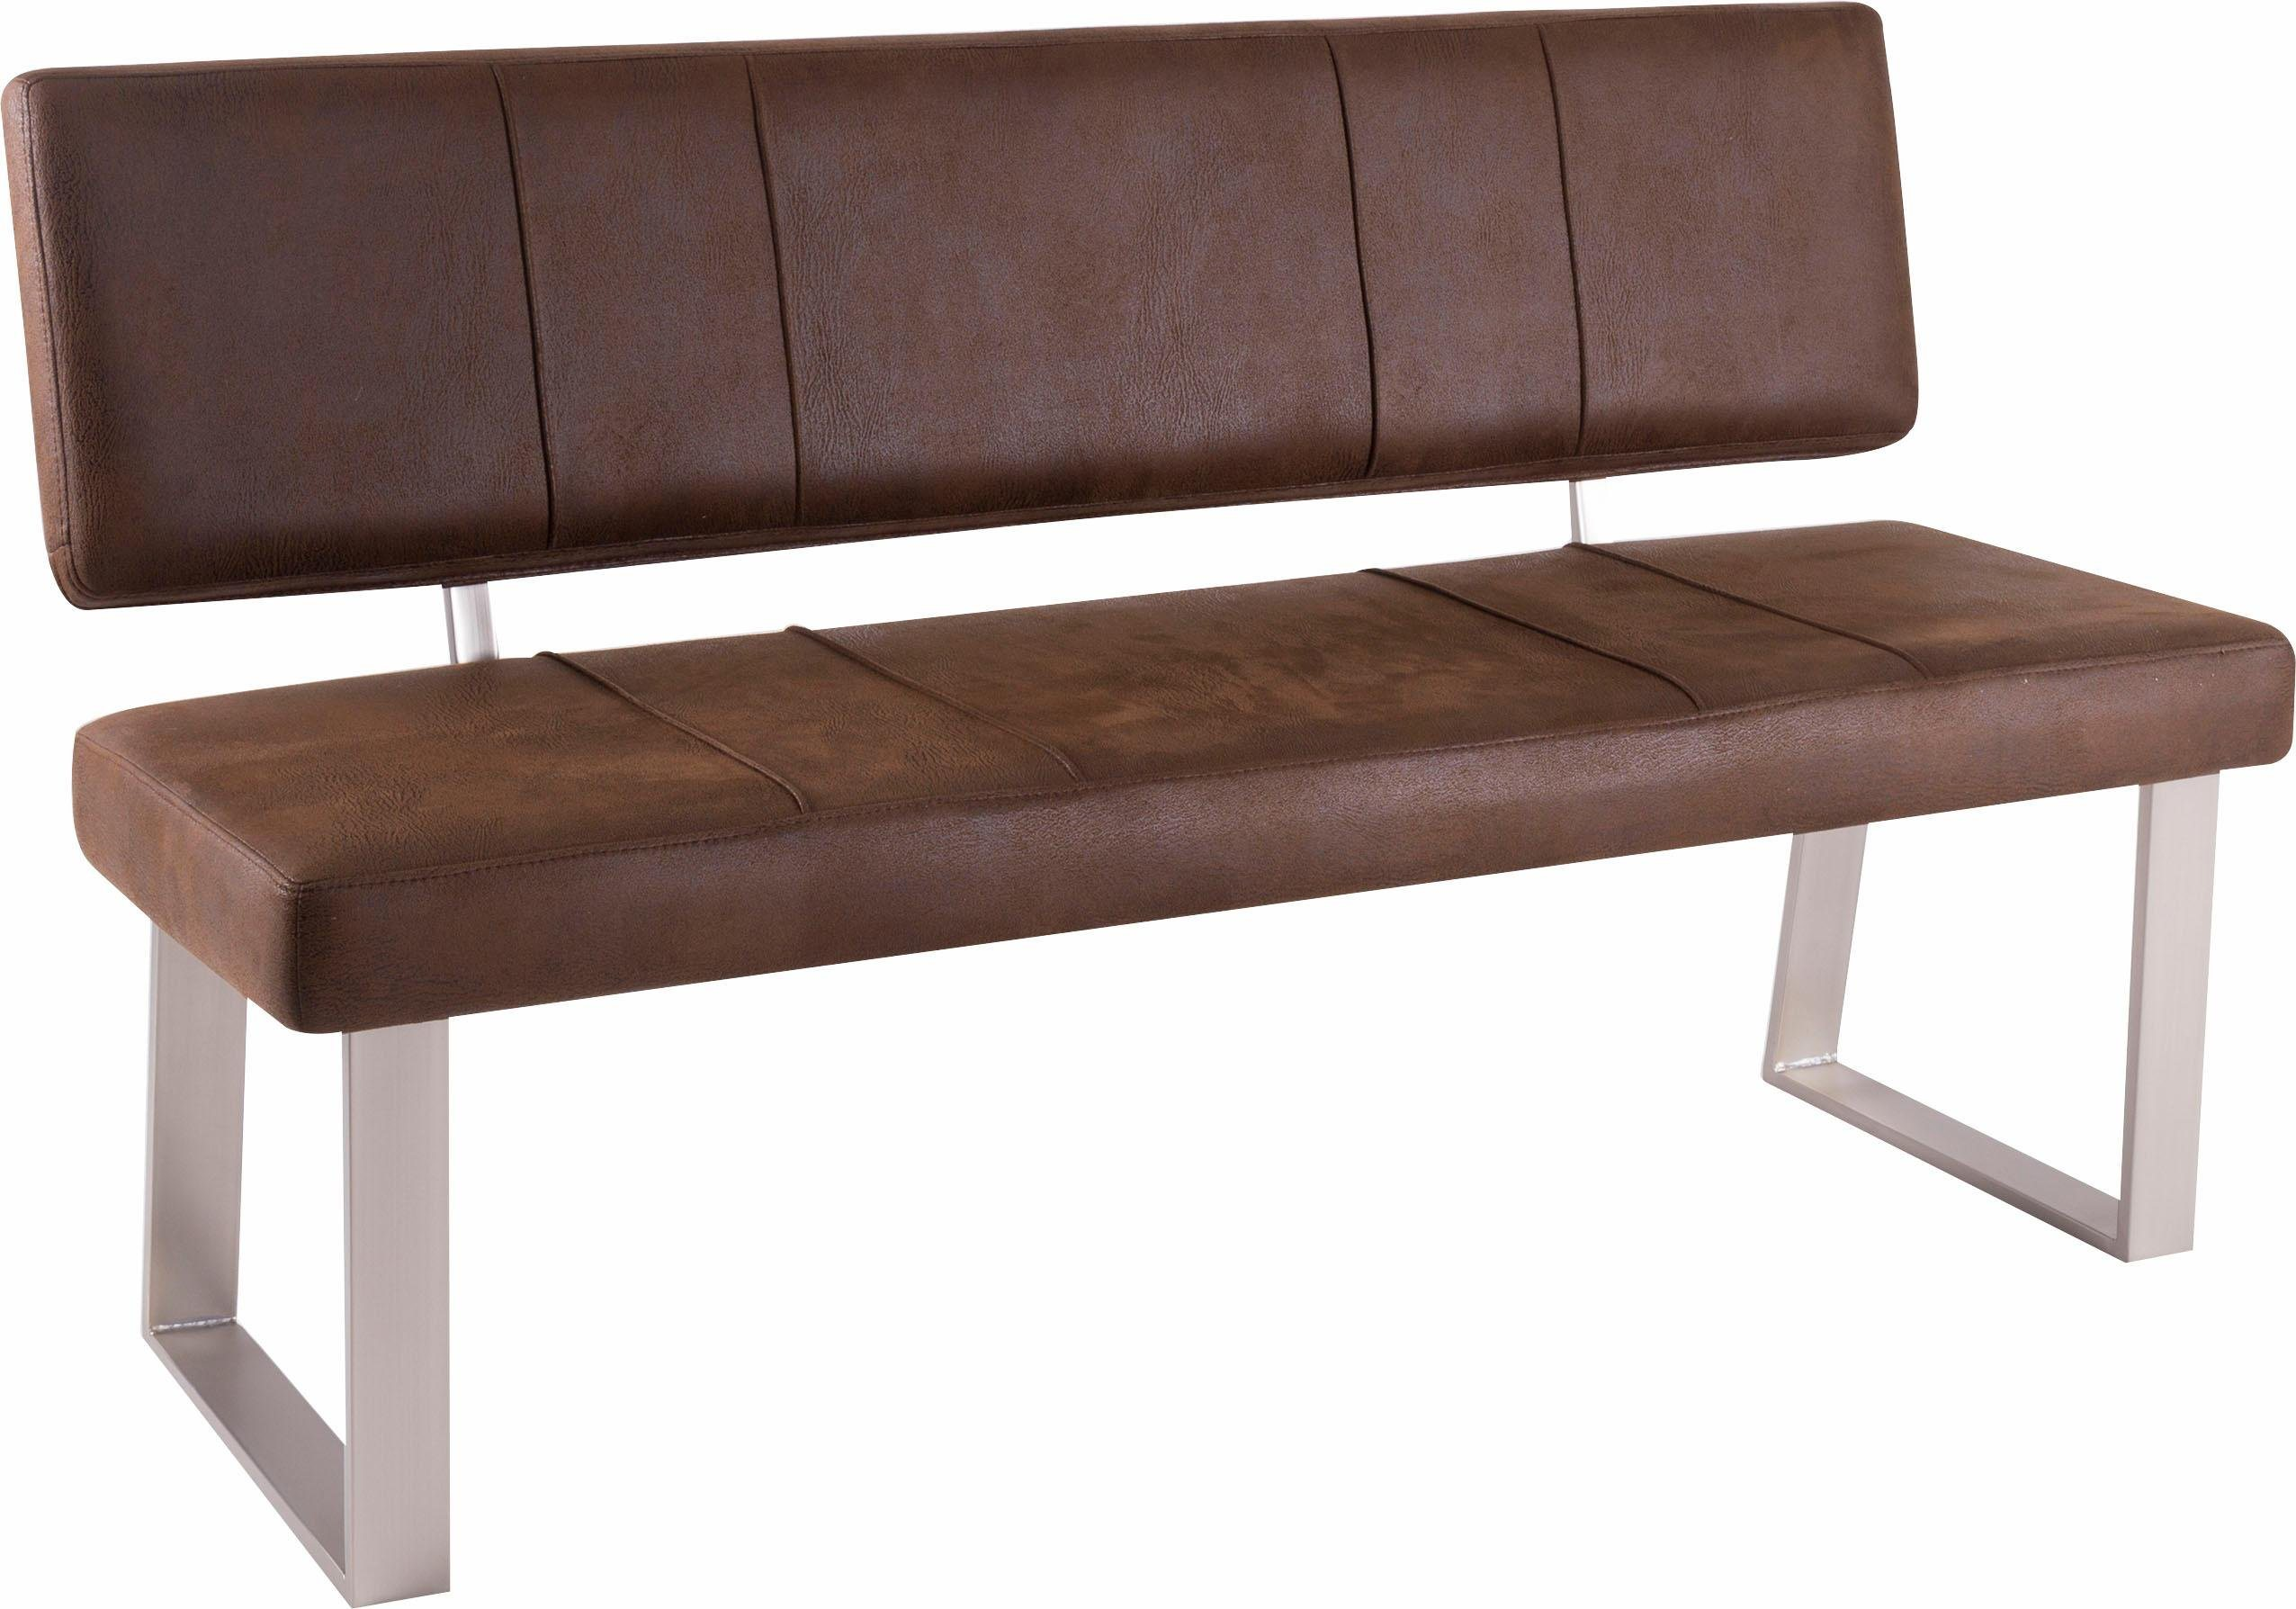 sitzbank 140 cm preisvergleich die besten angebote. Black Bedroom Furniture Sets. Home Design Ideas